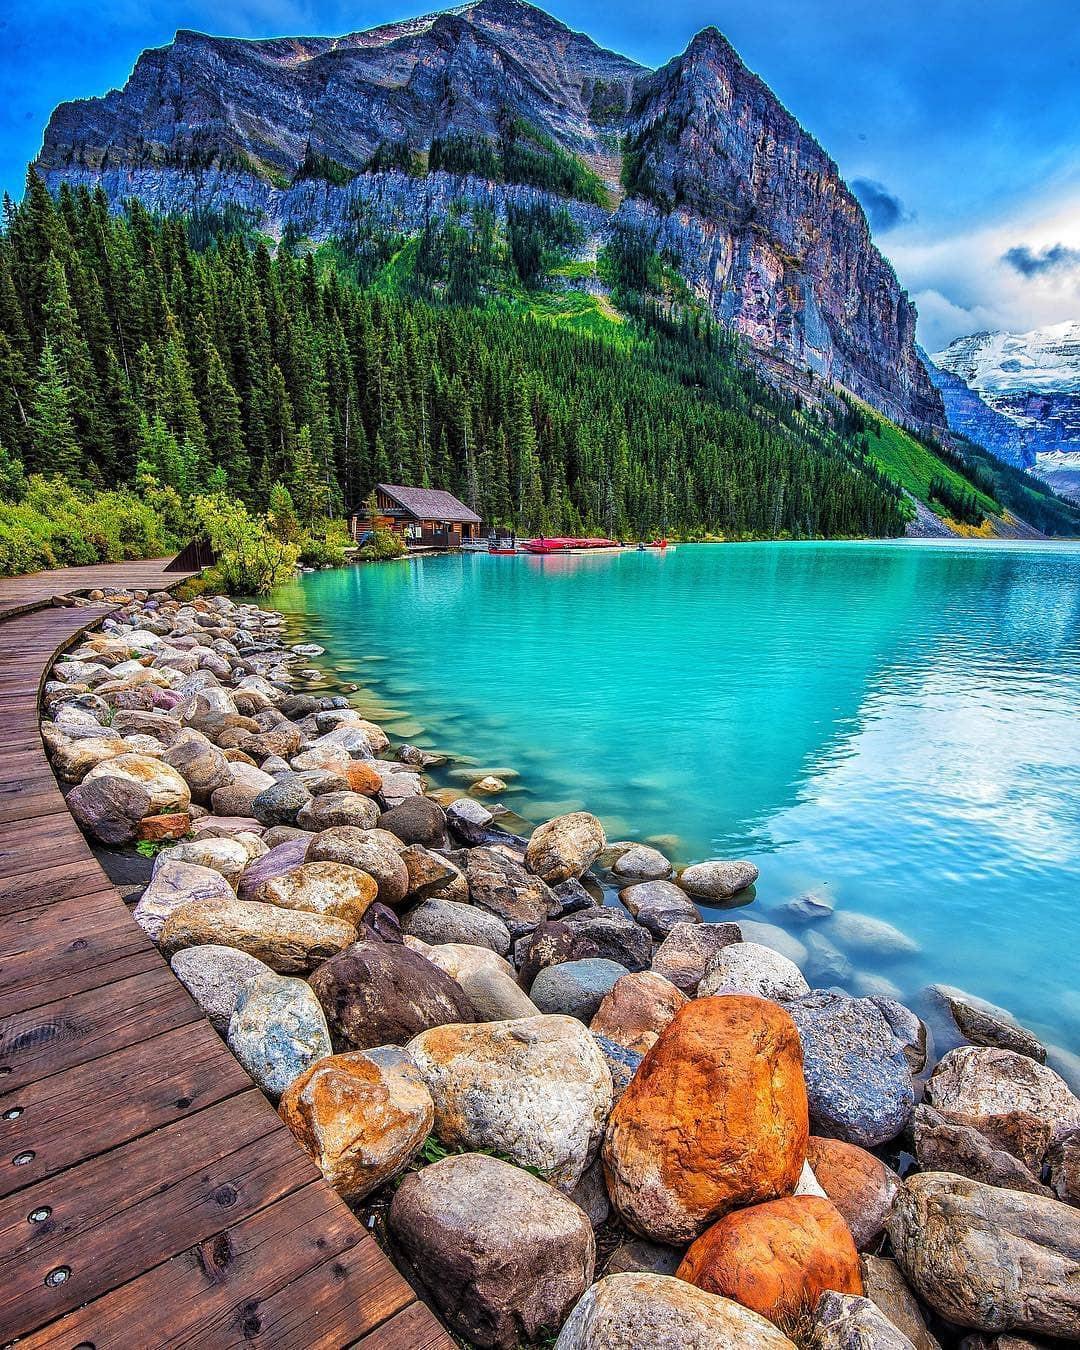 Có gì hay ở hồ nước màu xanh ngọc bích được mệnh danh là thiên đường trần gian ở Canada? - Ảnh 1.